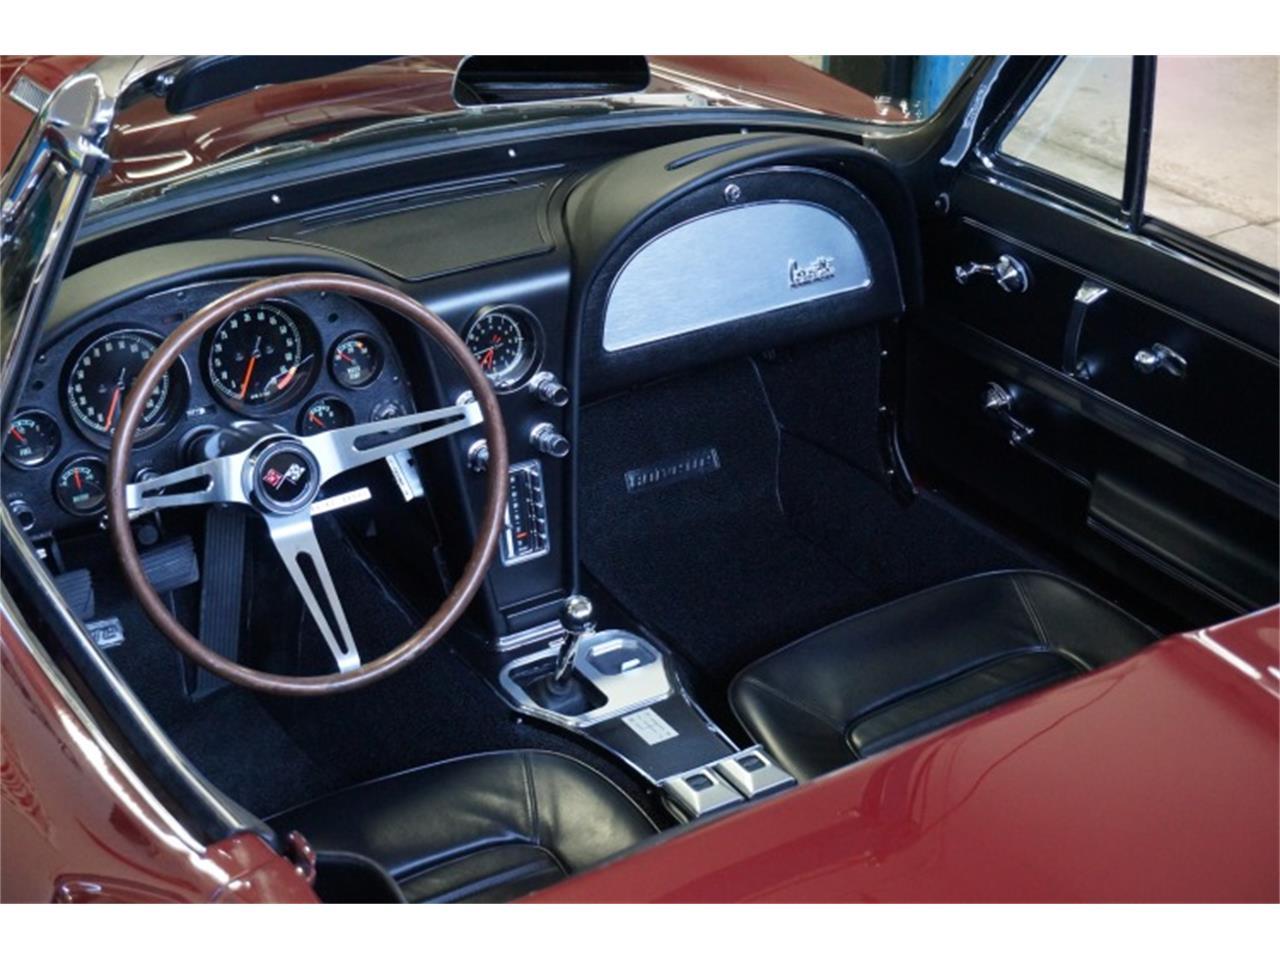 Large Picture of Classic 1966 Chevrolet Corvette located in Nevada - QJUW